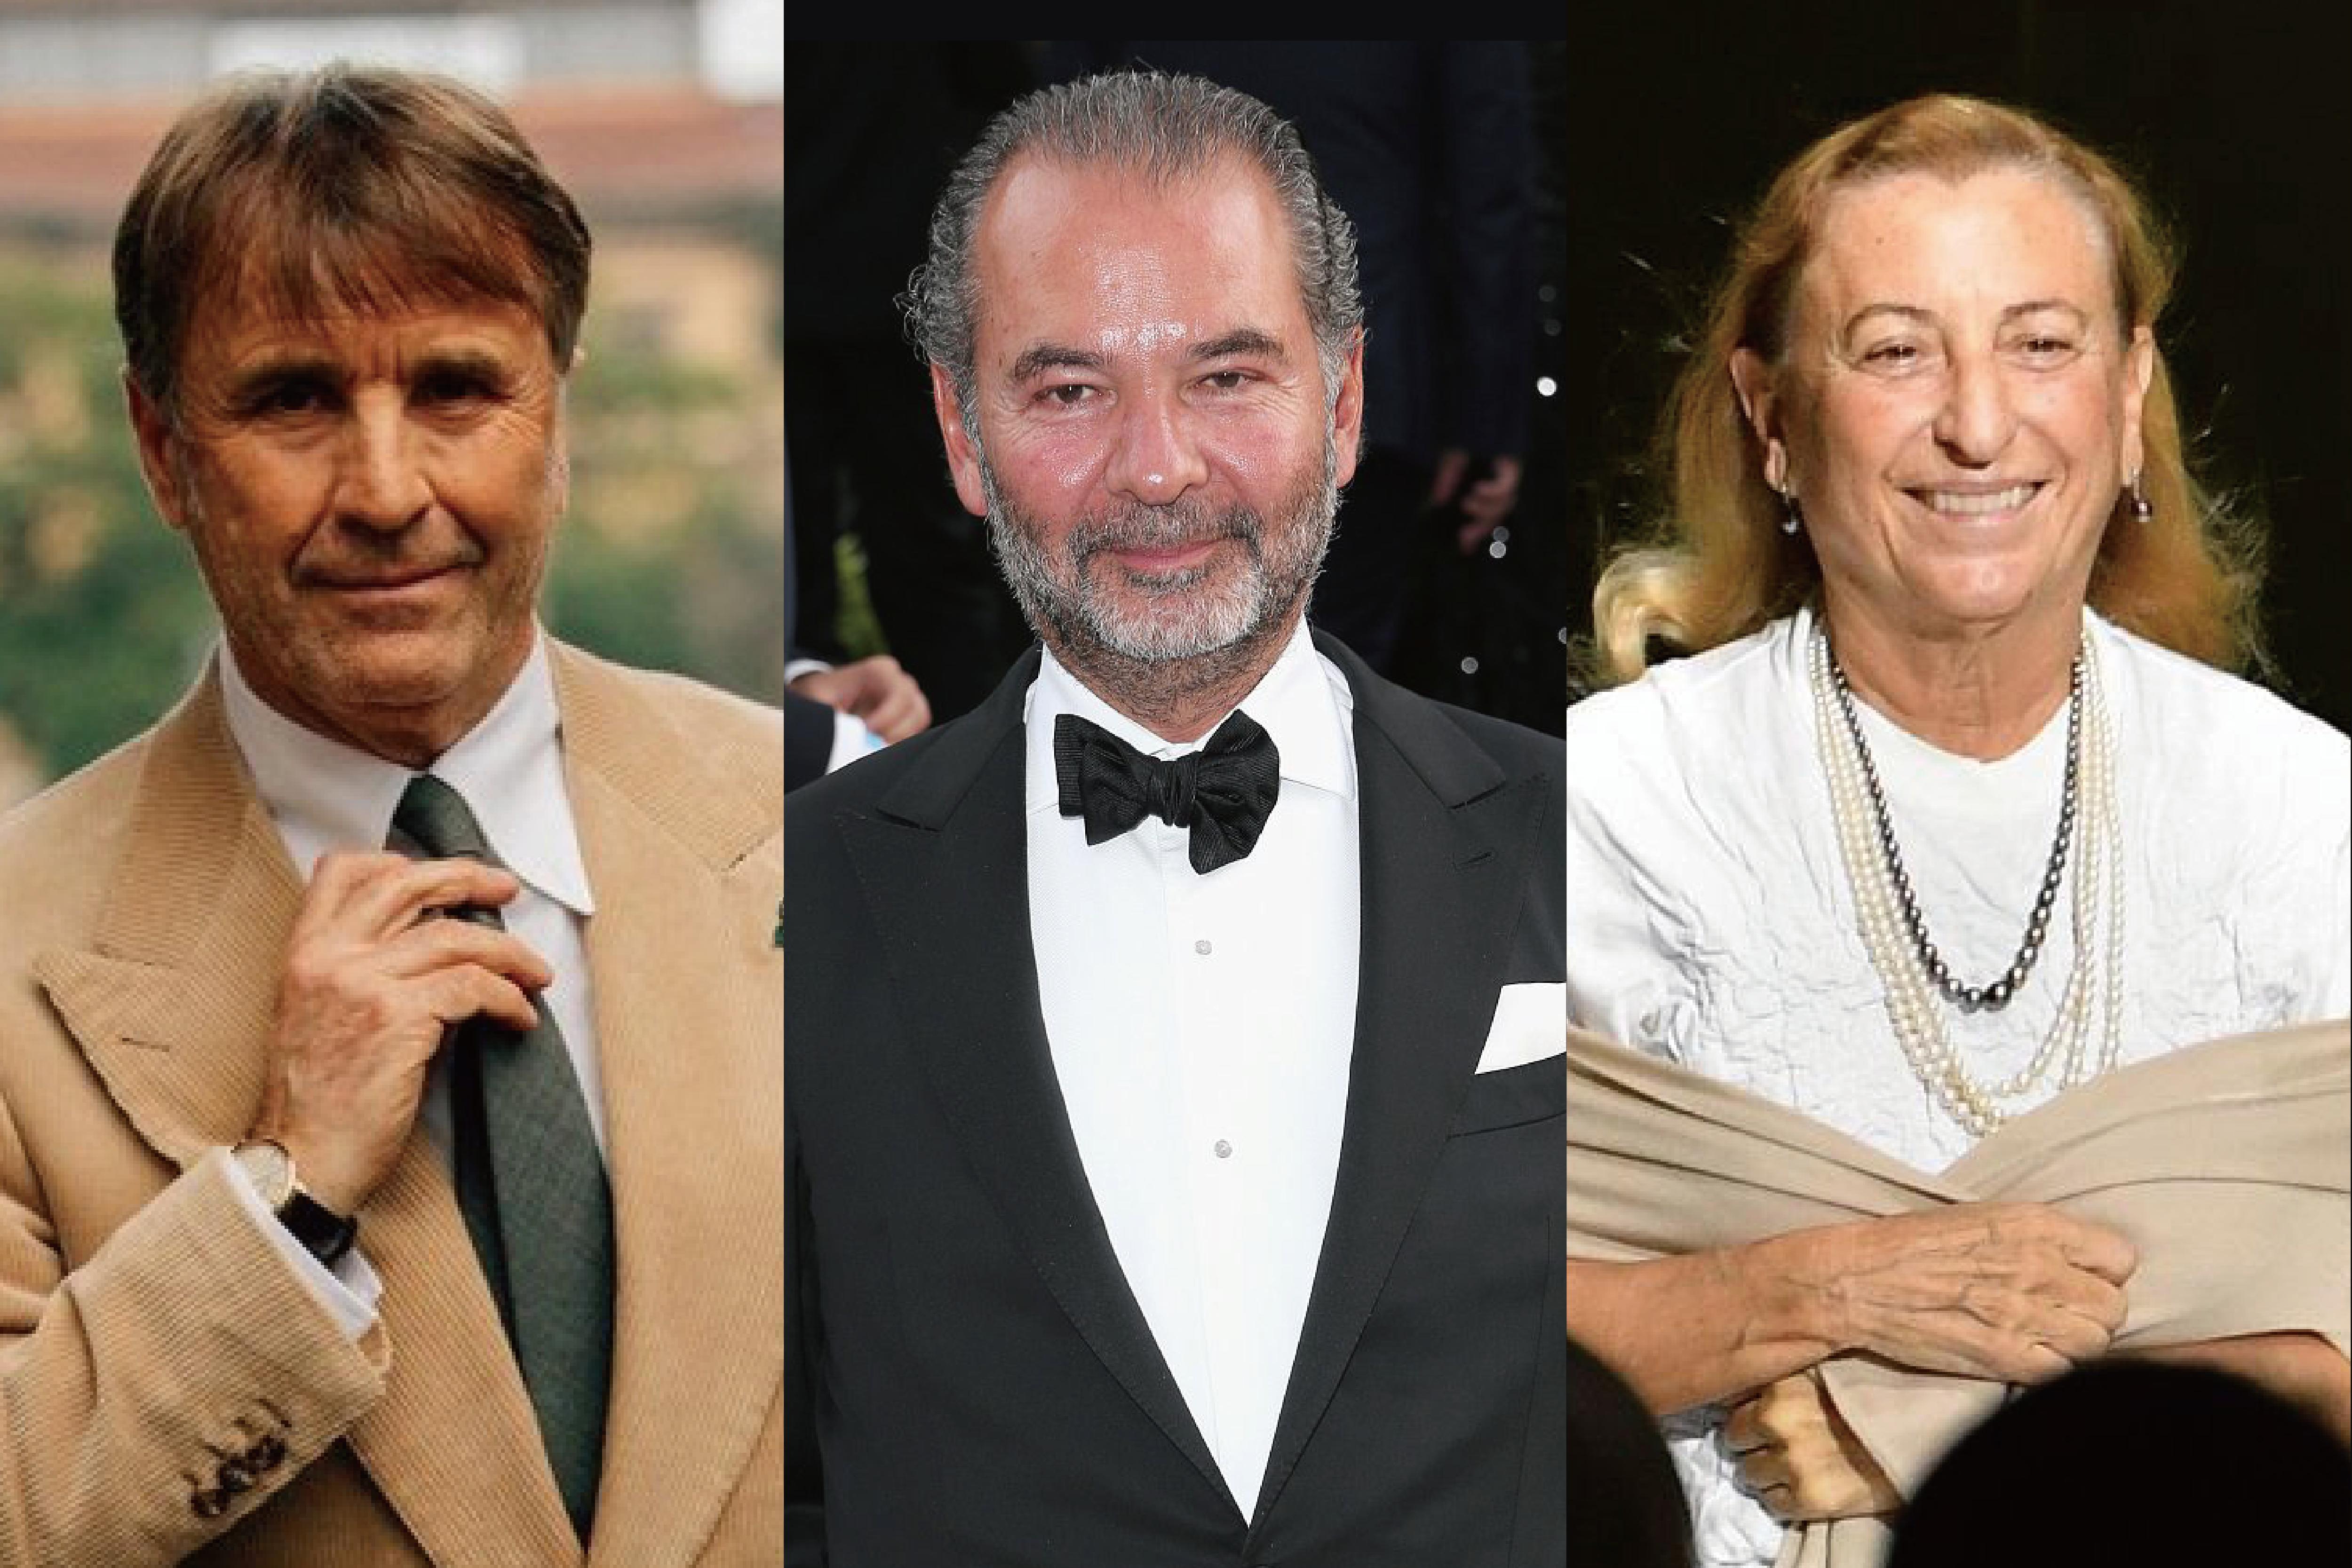 谁是最得人心的意大利时尚企业家:Brunello Cucinelli,Moncler 和 Prada 的掌门人高居前三